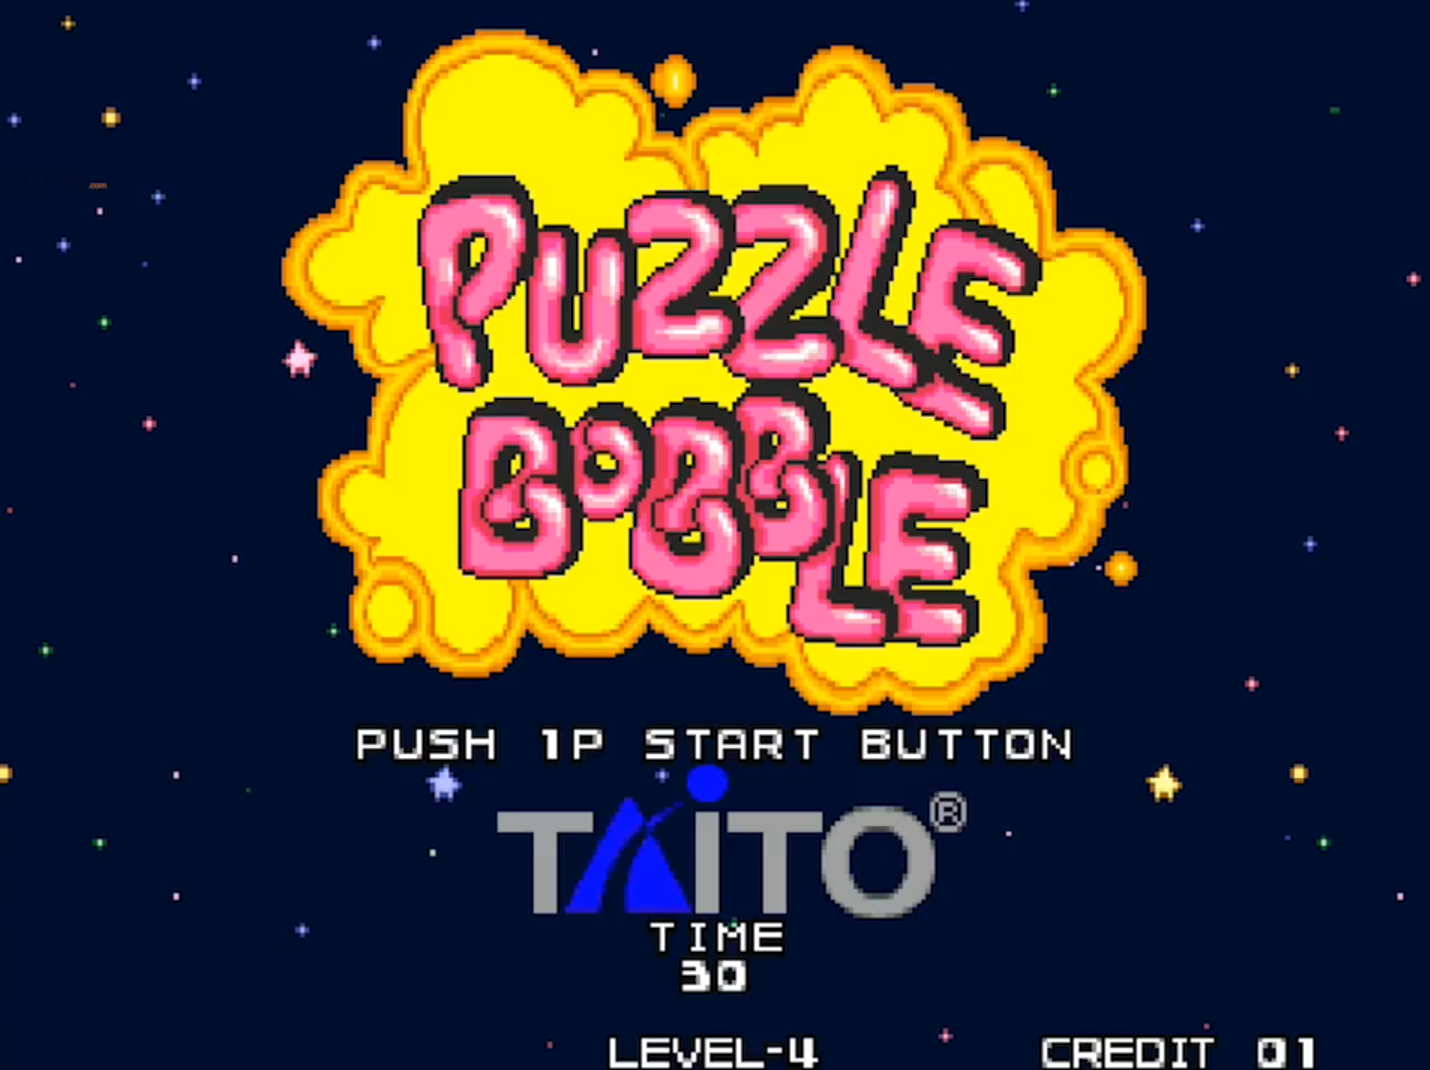 Puzzle Bobble Arcade Dump